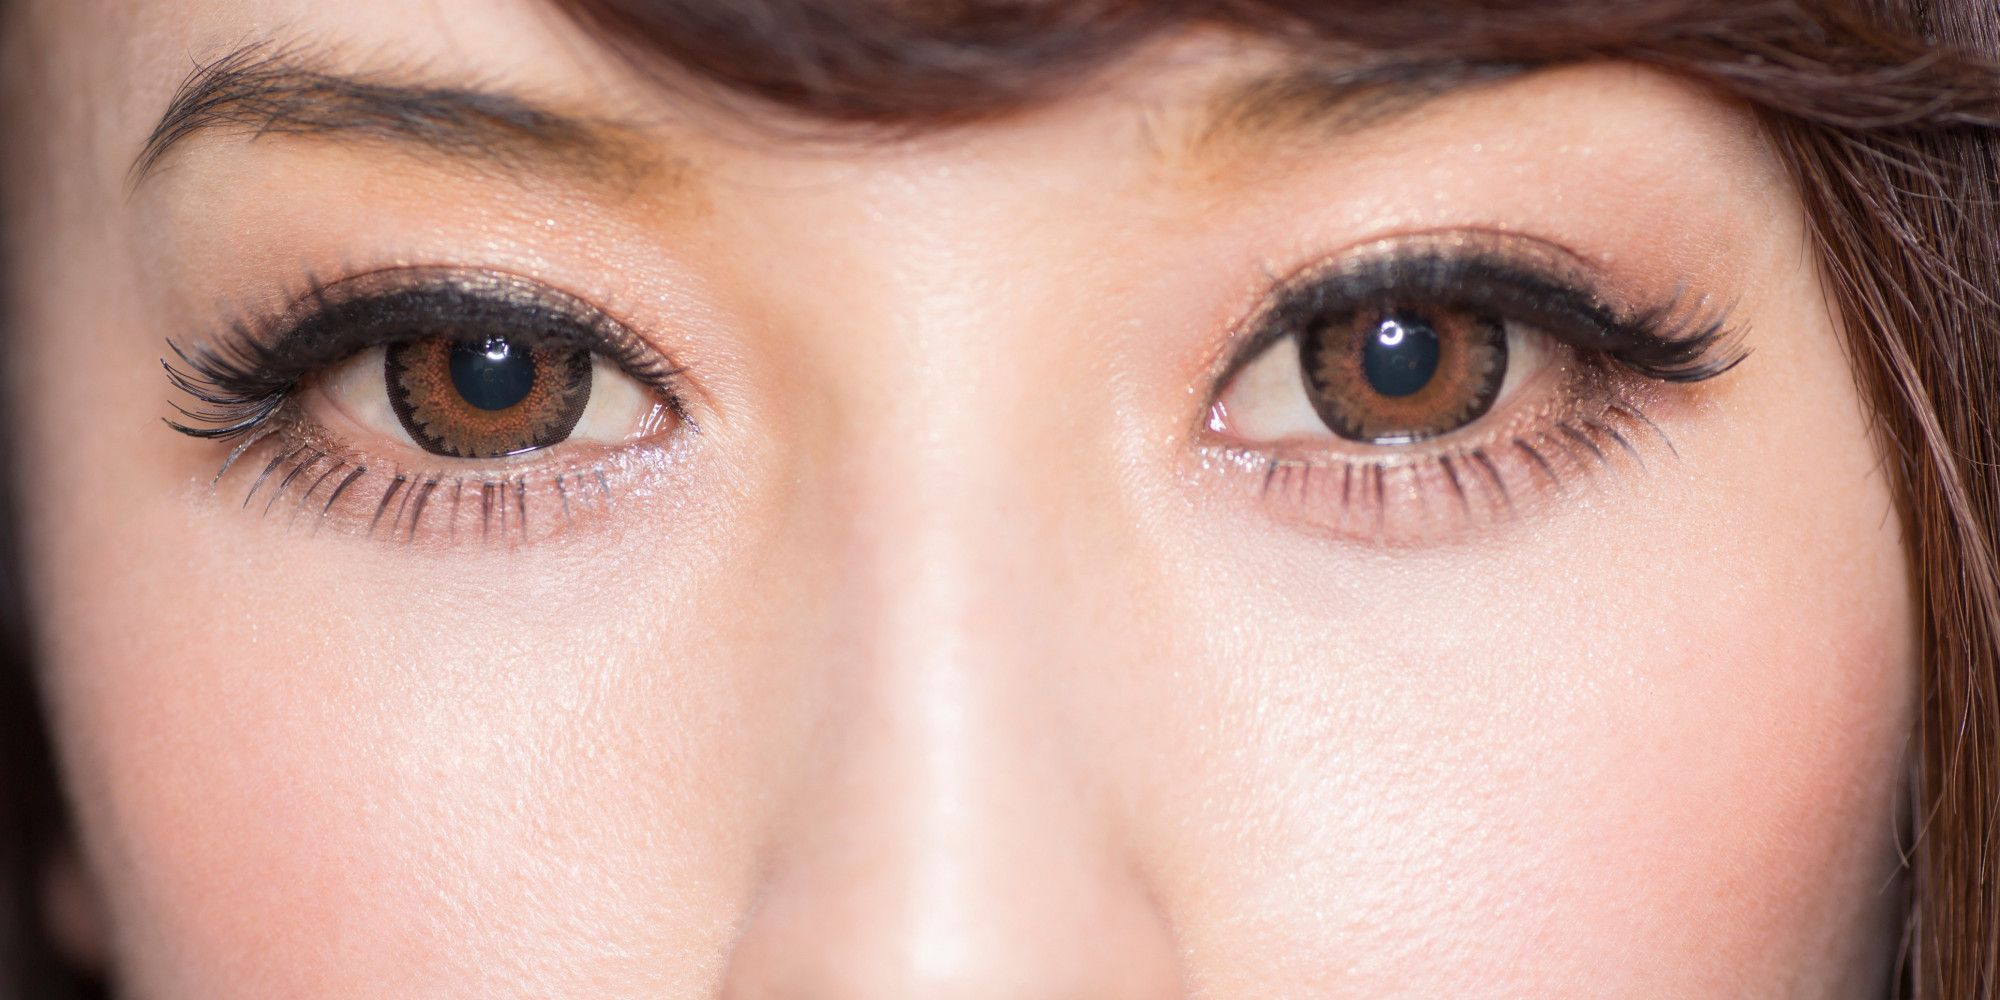 6 segreti di bellezza giapponesi per sembrare più giovani